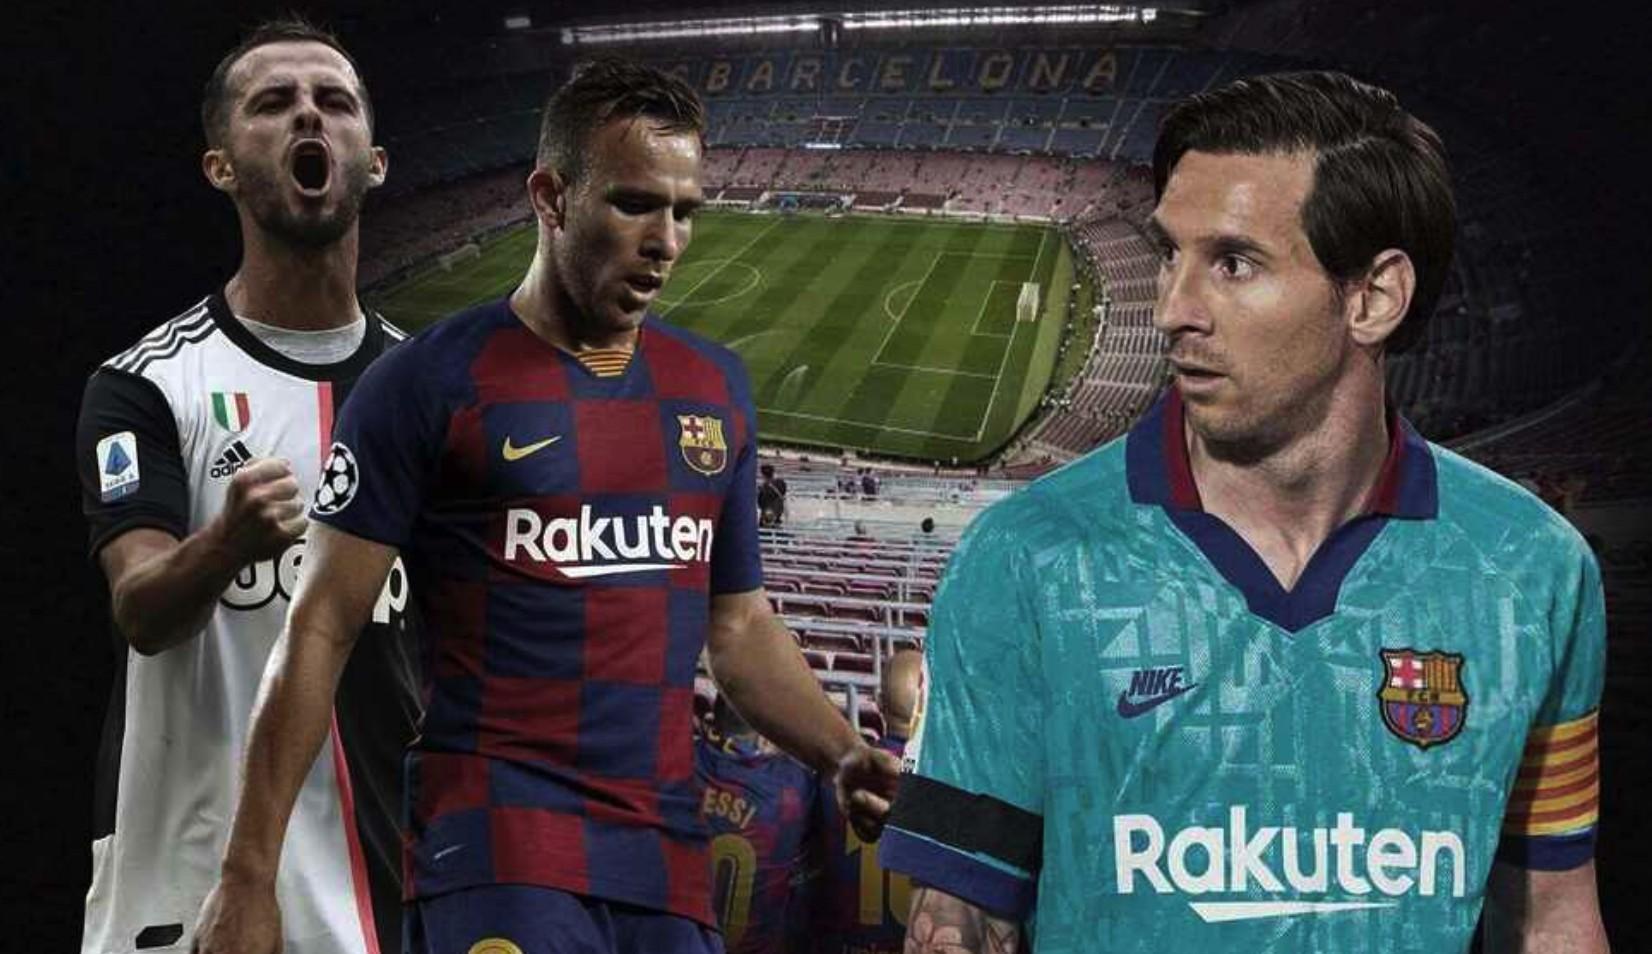 梅西并不反对巴塞罗那用阿图尔和尤文图斯交换皮亚尼奇